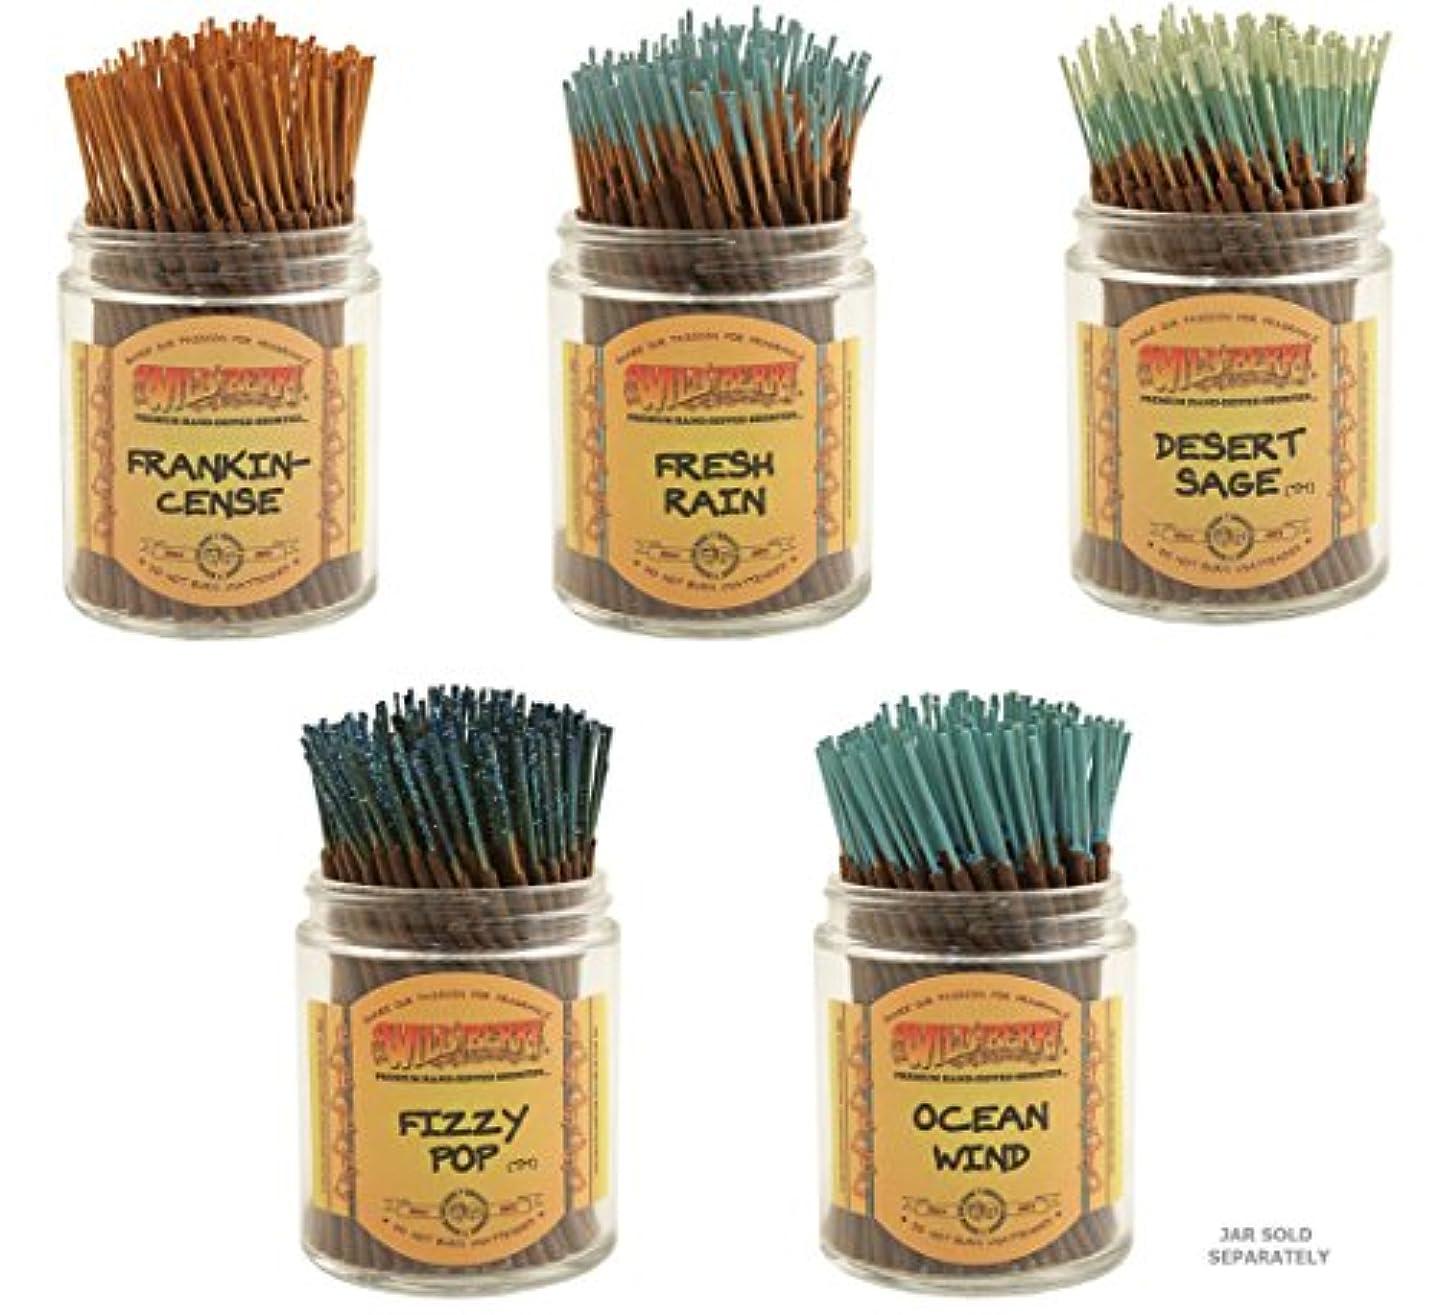 計算するポジティブ分数Wildberry Short Incense Sticks – Set of 5秋Fragrances – 砂漠セージ、Fizzy Pop , Frankincenseフレッシュ、雨、海洋風( 100各パック、合計500...